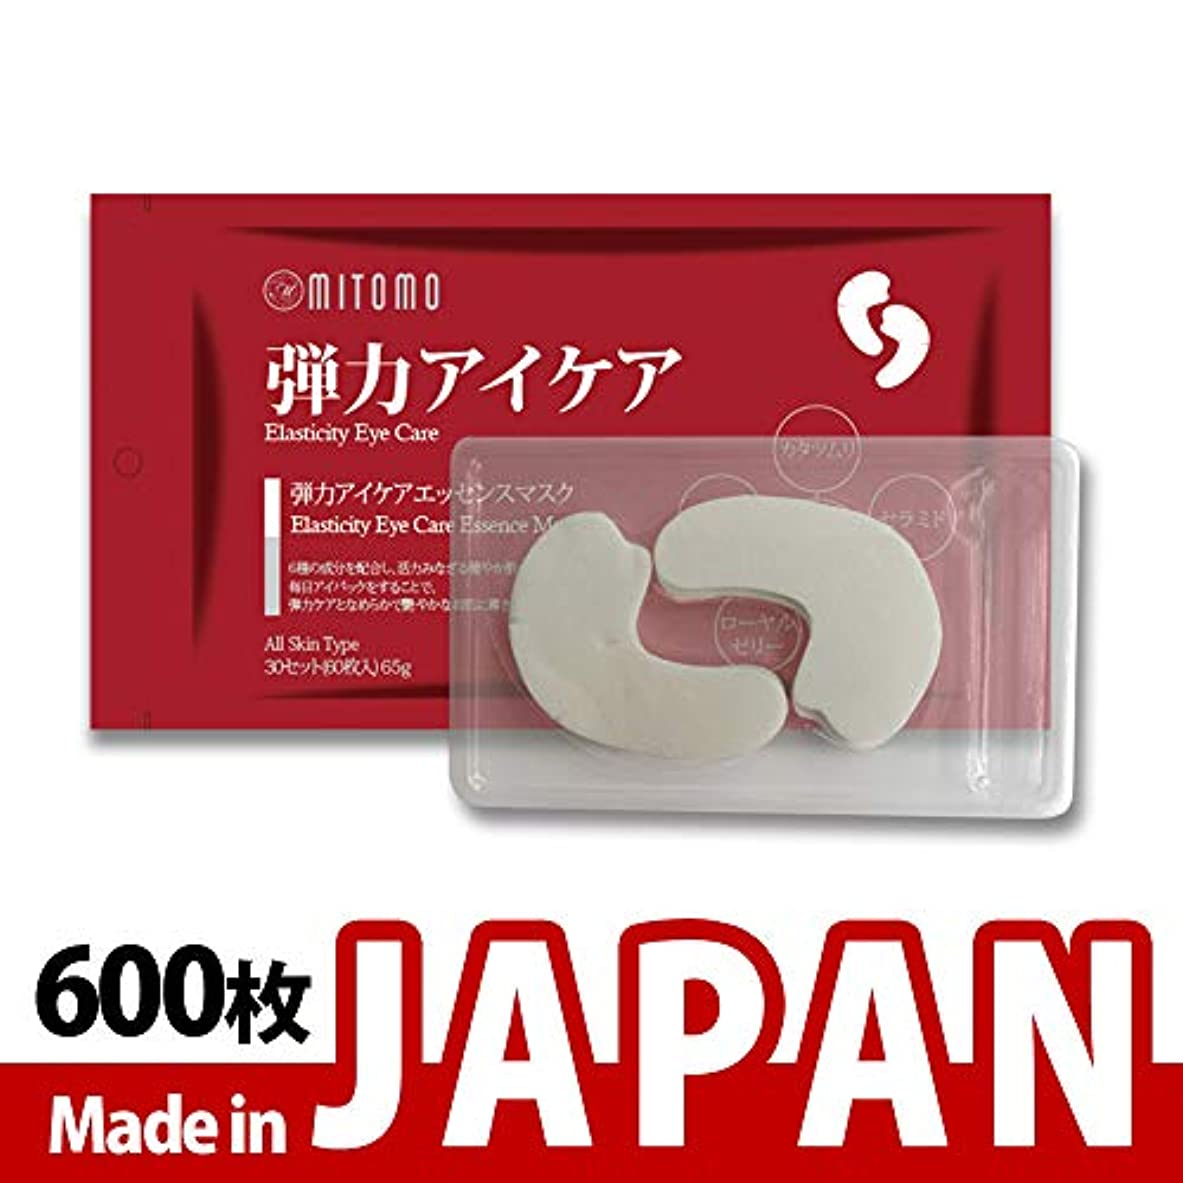 盲目剥離移動MITOMO【MC005-B-0】日本製シートマスク/60枚入り/600枚/美容液/マスクパック/送料無料